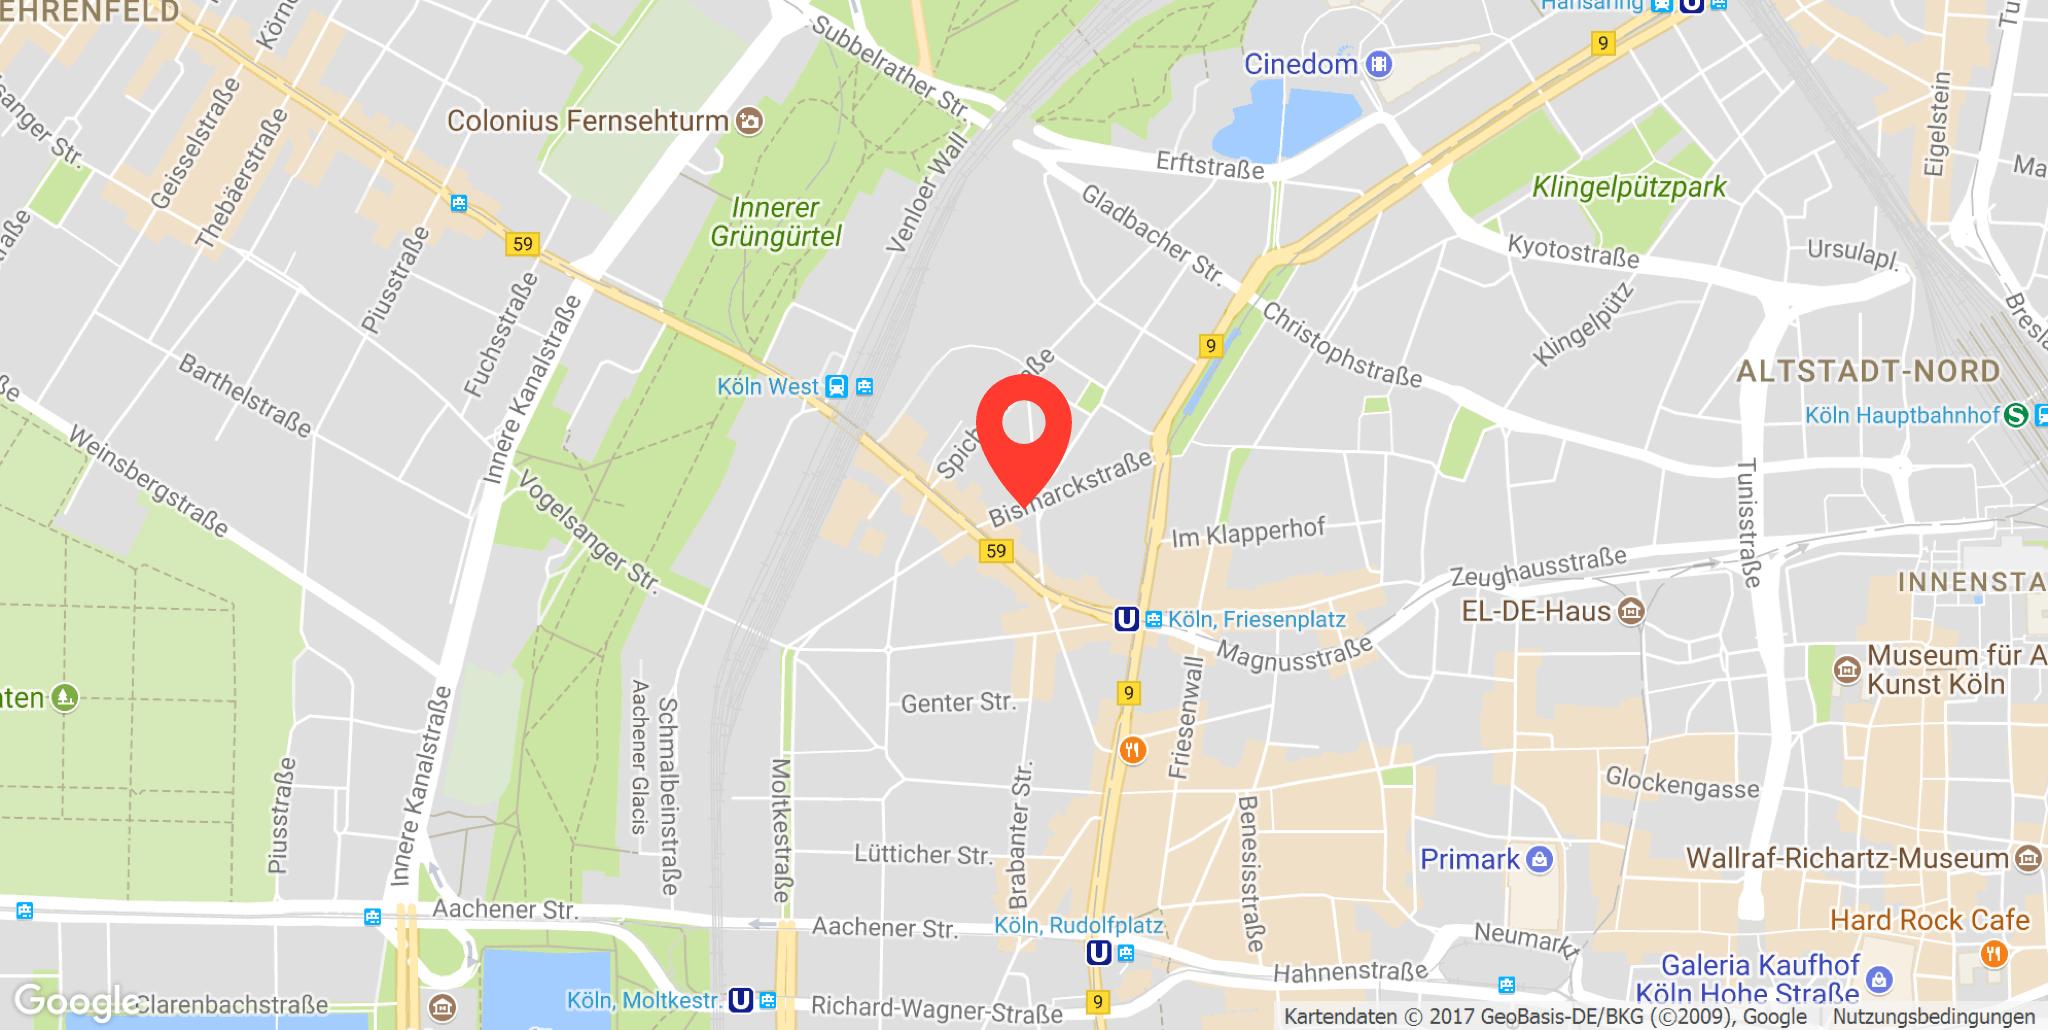 Parkplatz Friesenplatz, Köln